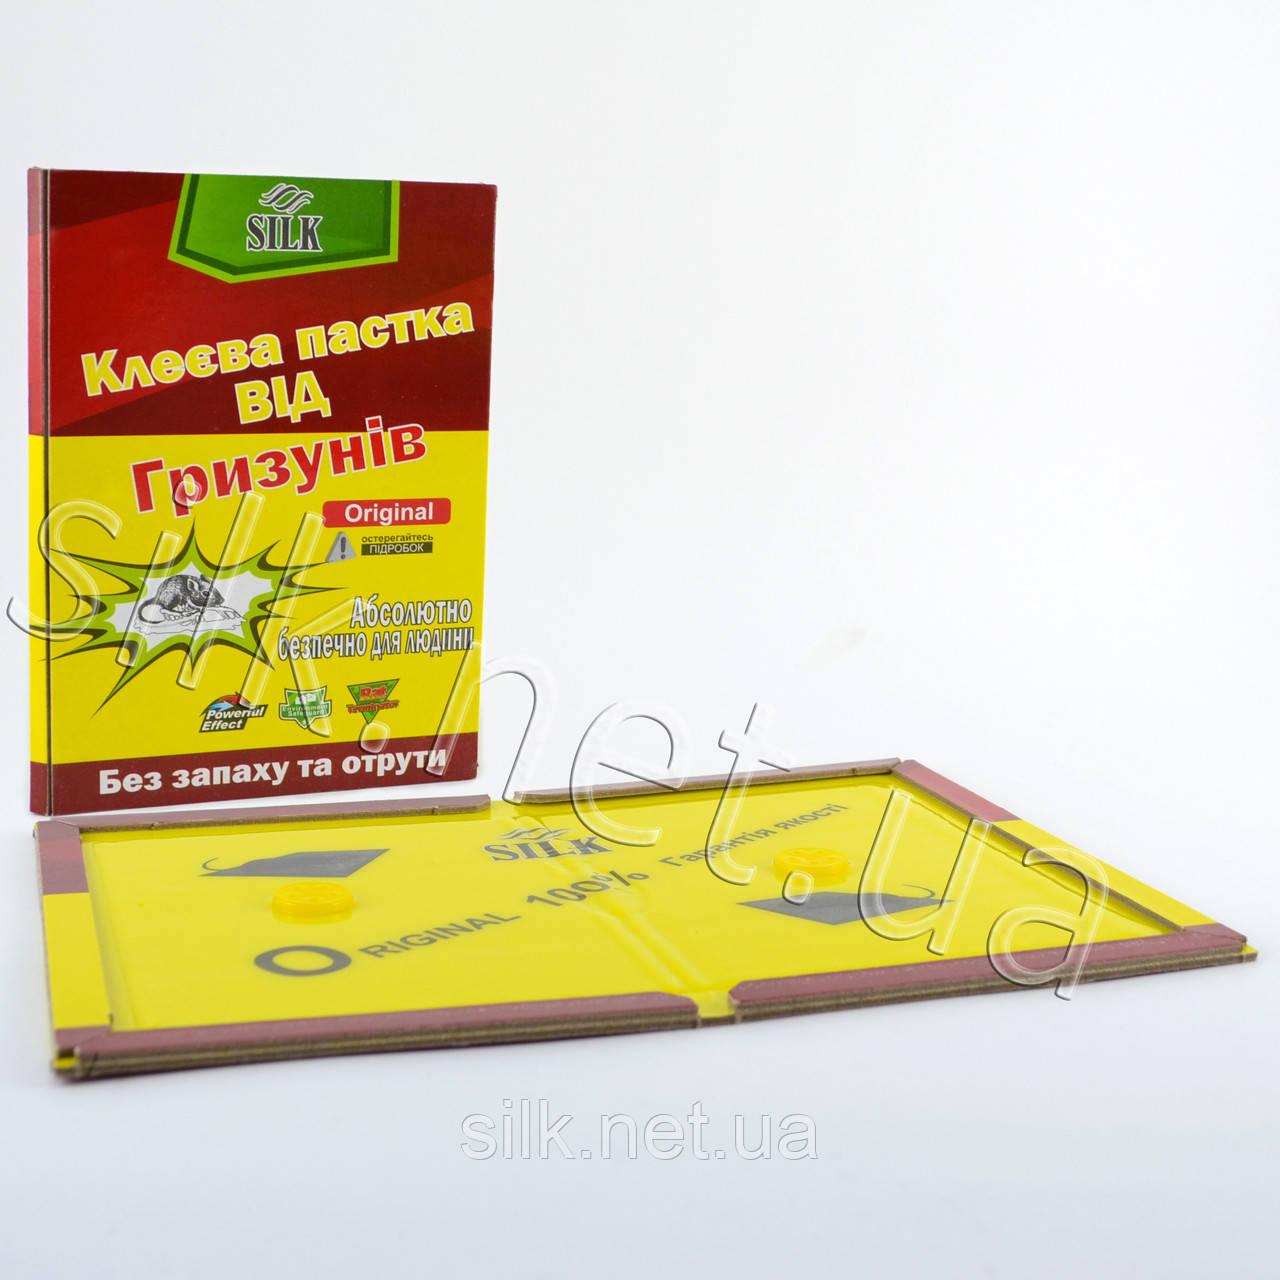 Пастка клейова Silk для гризунів (велика)